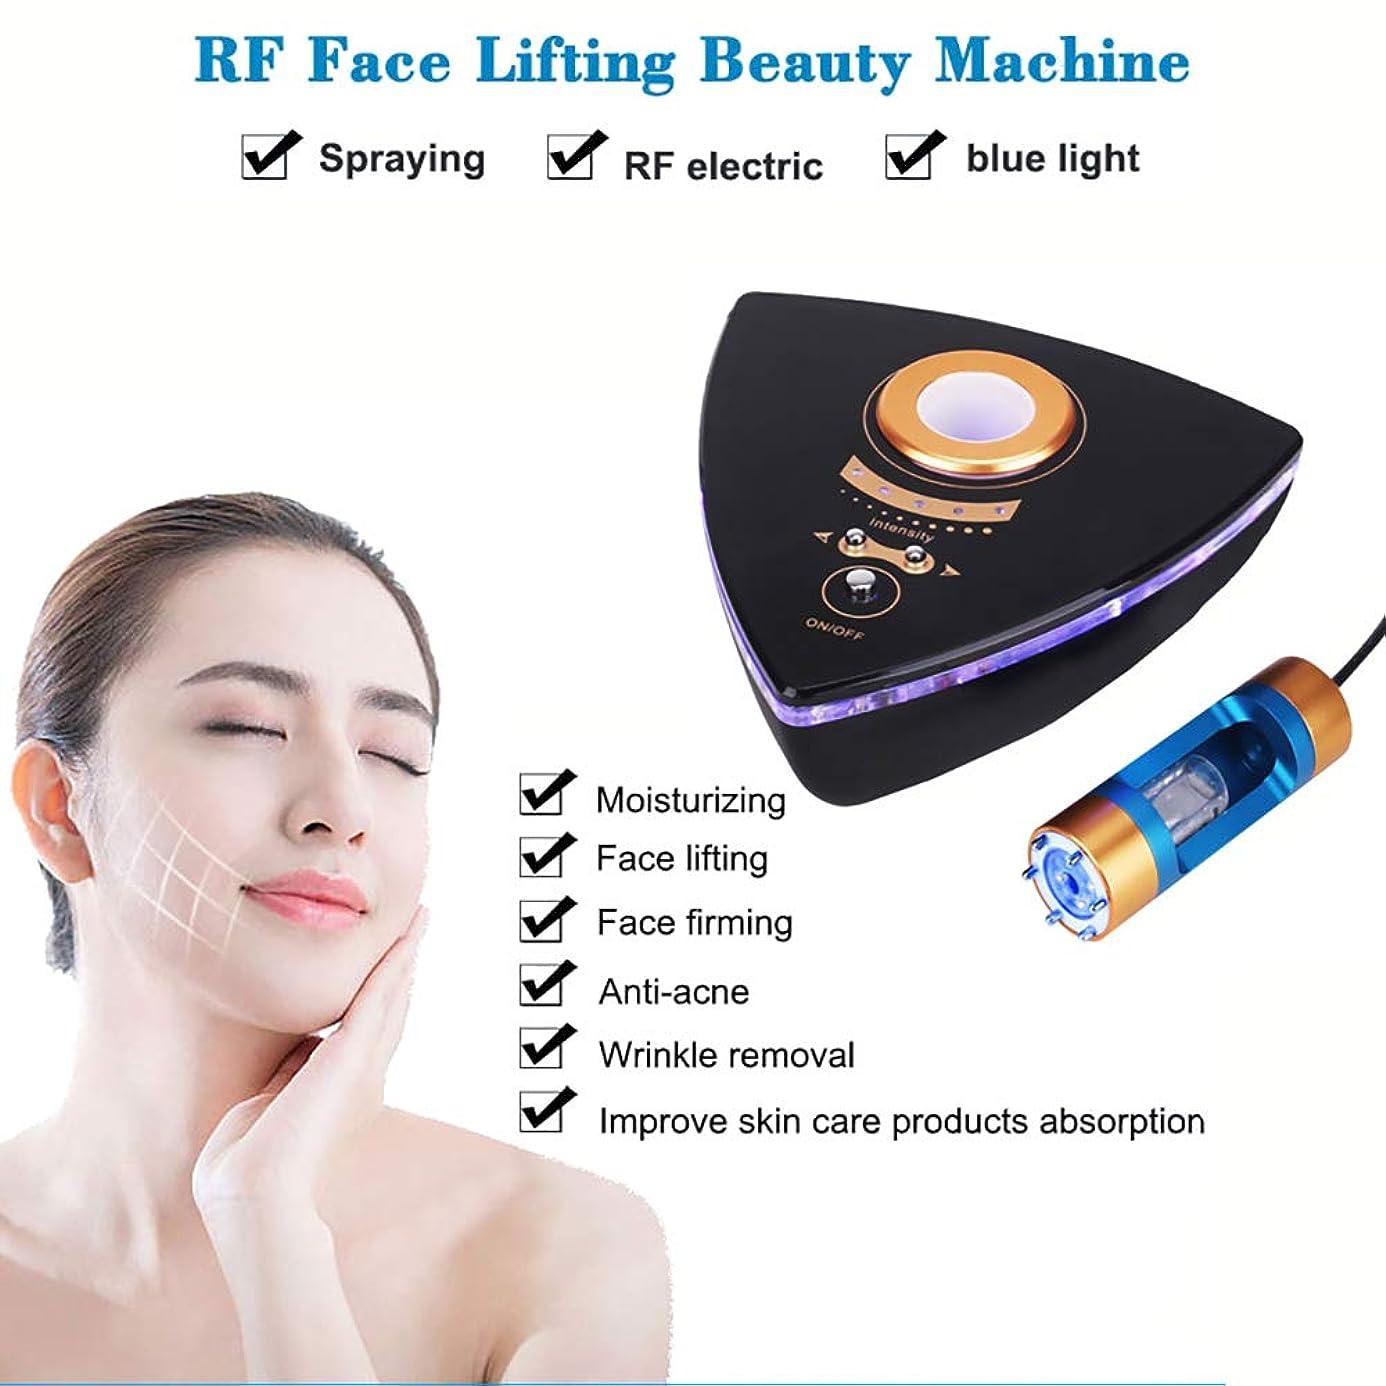 スイシダテープRFフェイスリフティング美容機、スプレーRF電気青色光にきび防止保湿顔の引き締め、肌の若返りのために除去しわホームユース